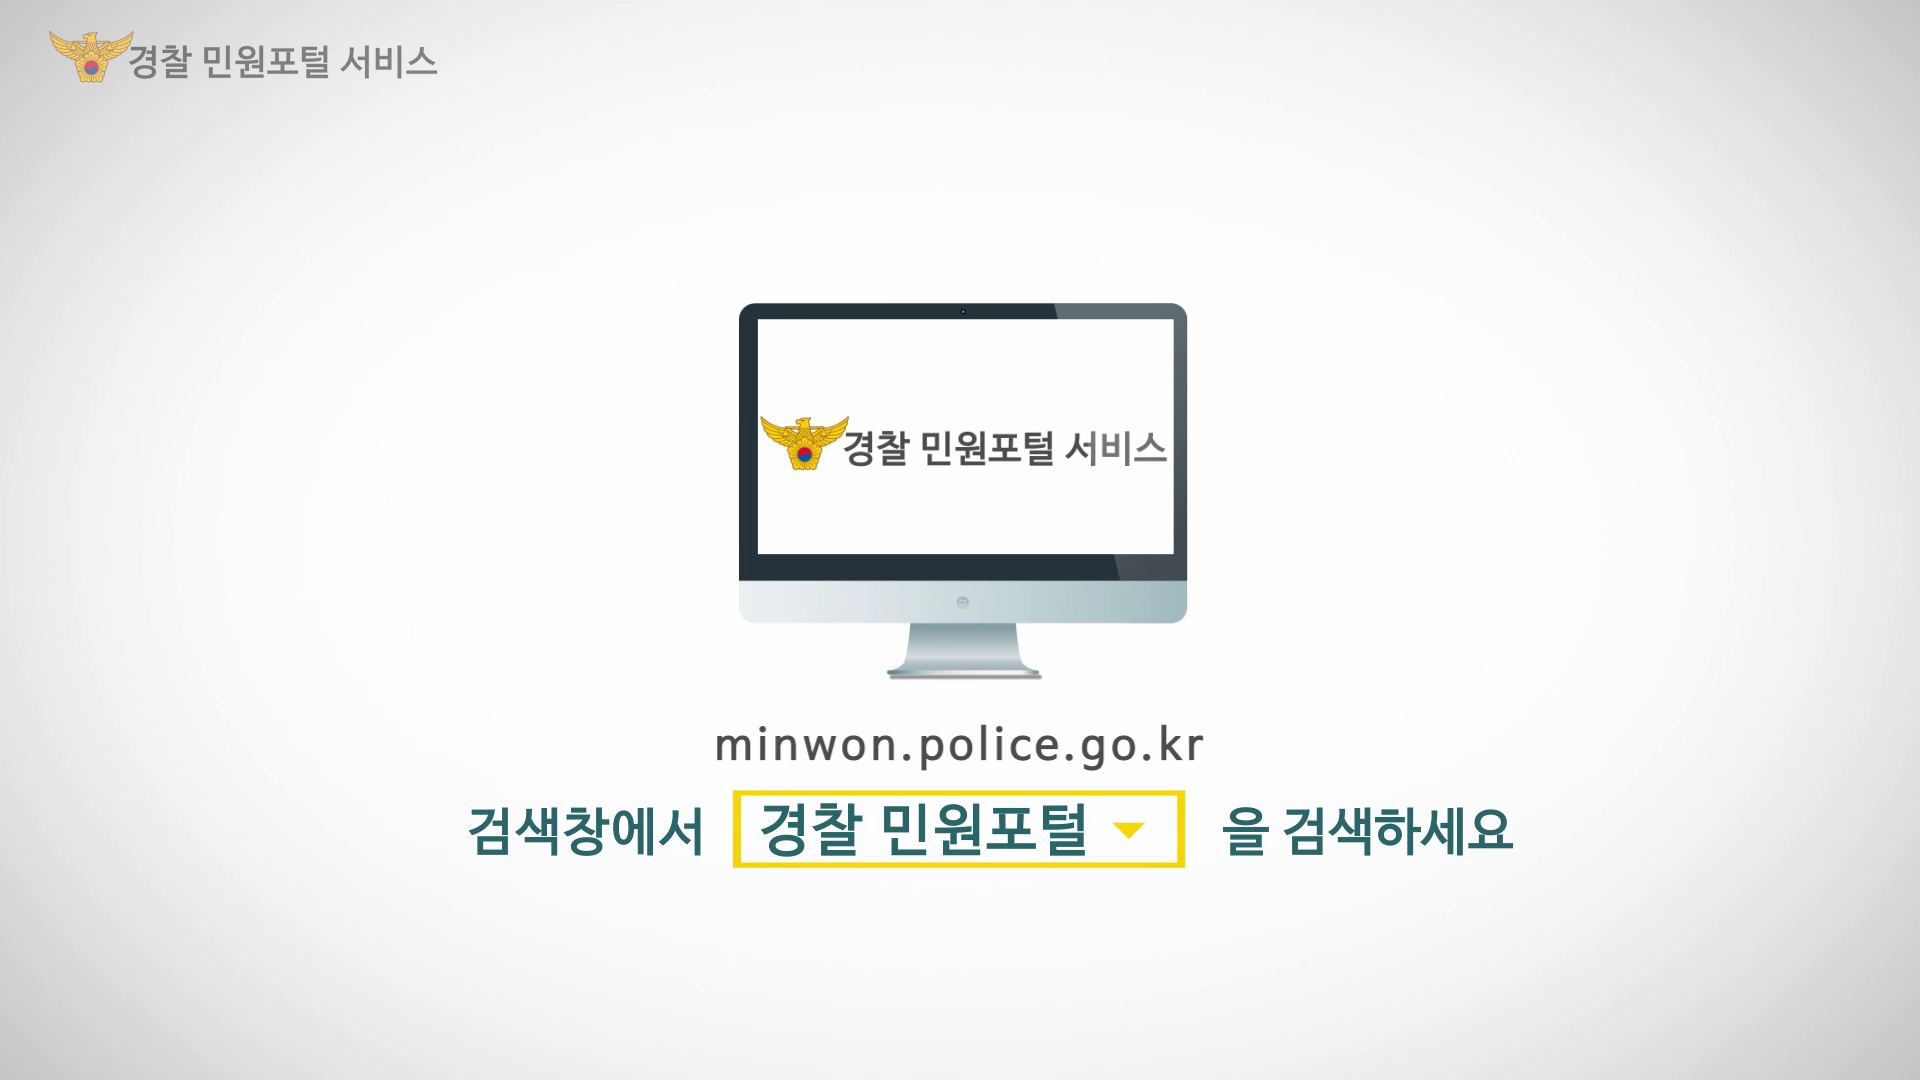 2016년 더 편리해진 경찰민원포털